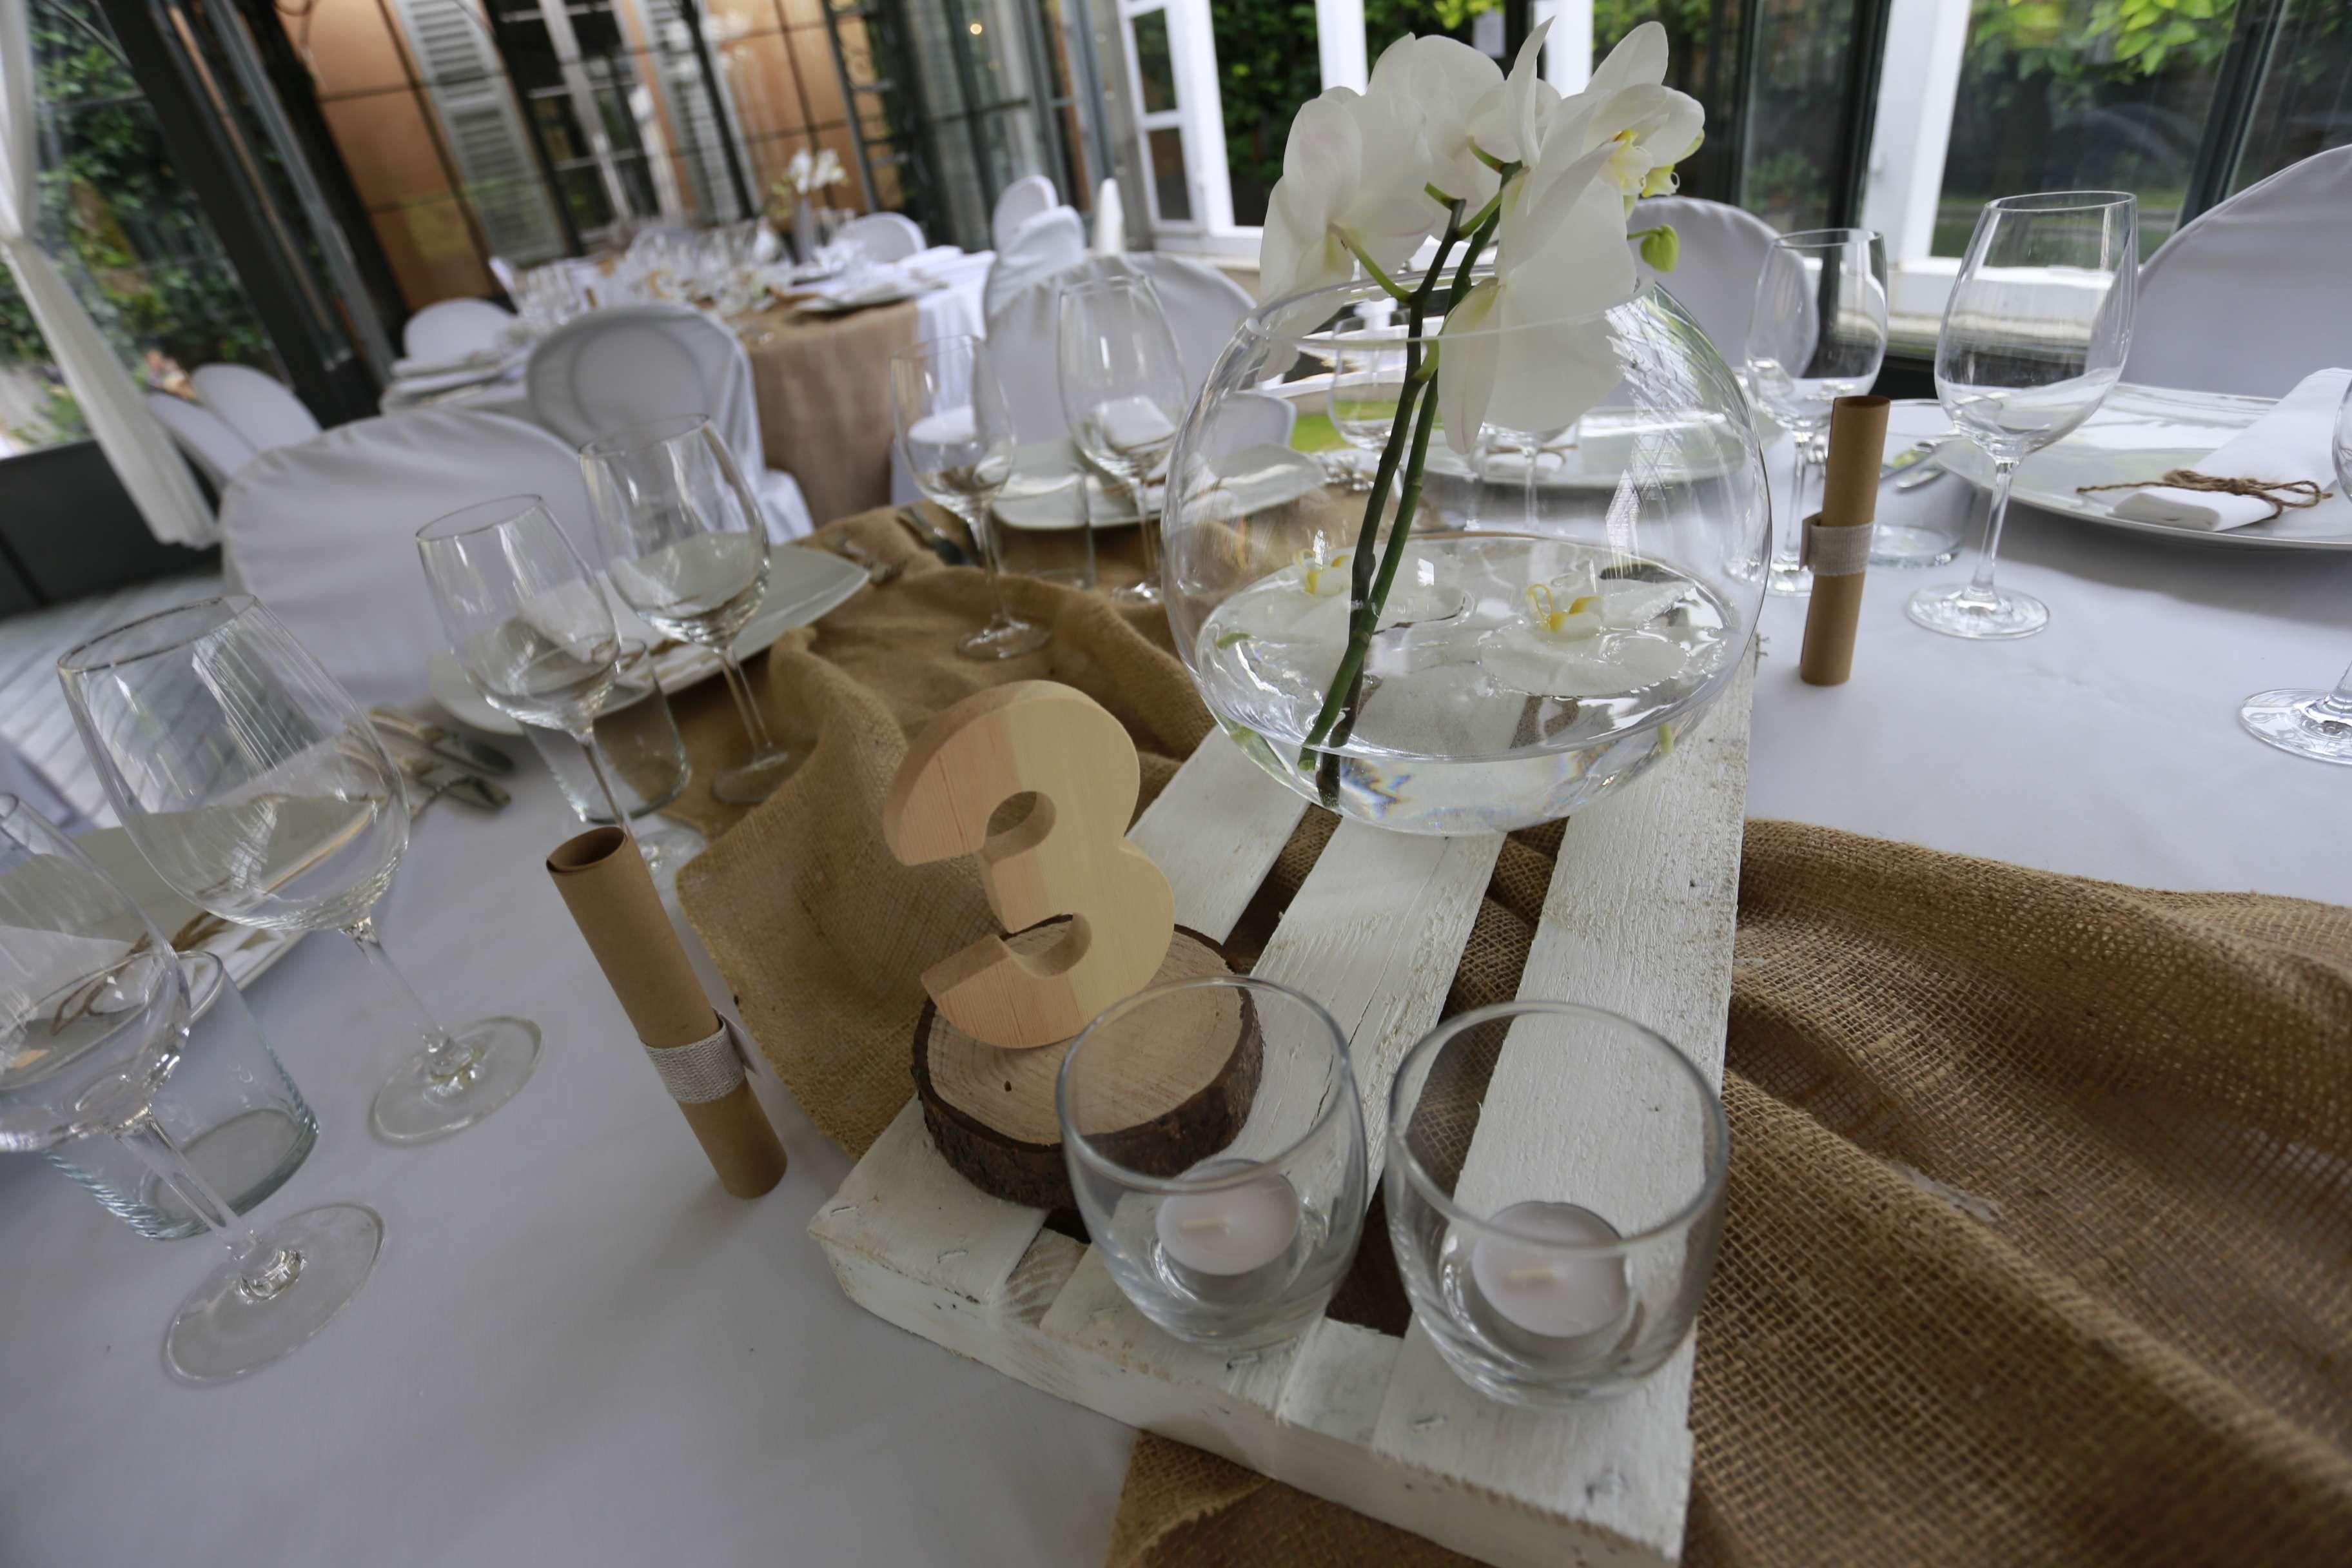 Centrotavola con ramo orchidea e numero tavolo in legno. Ph: weddingphoto.it